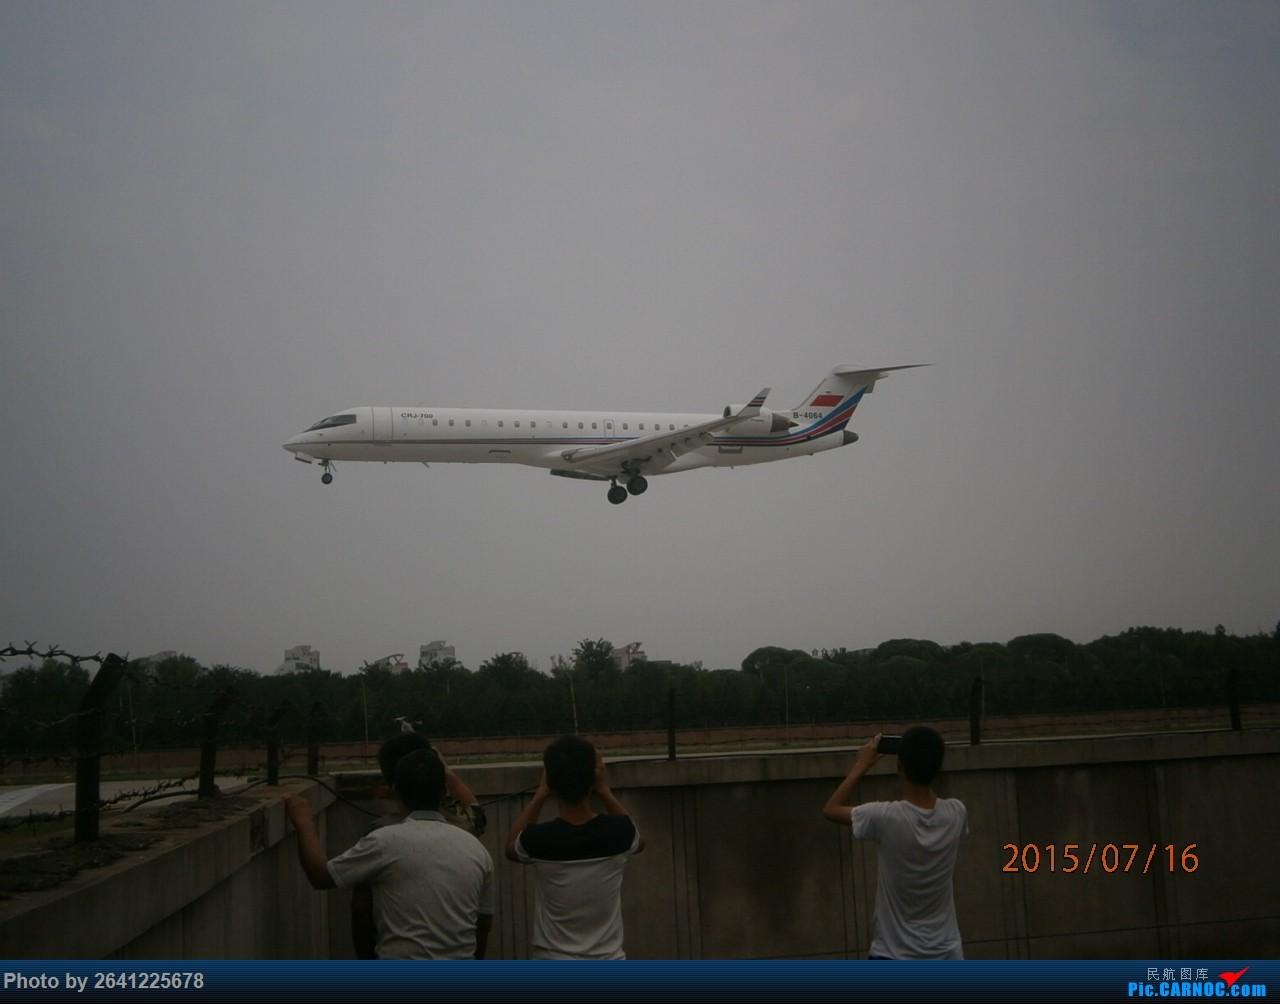 >>[原创]北京西郊机场 傻瓜机创造的奇迹